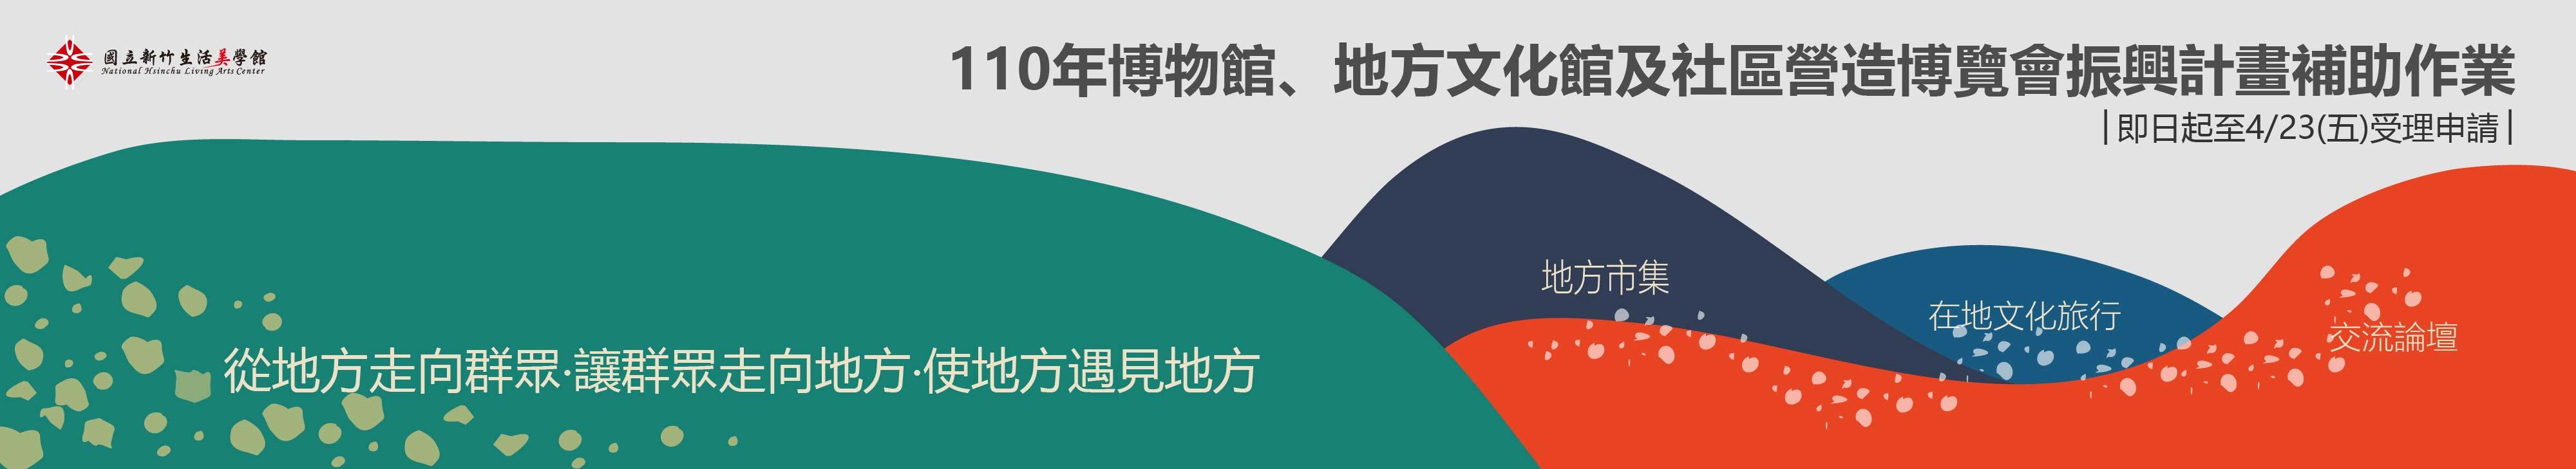 110年博物館、地方文化館及社區營造博覽會振興計畫補助作業,即日起至4/23(五)以前受理申請~